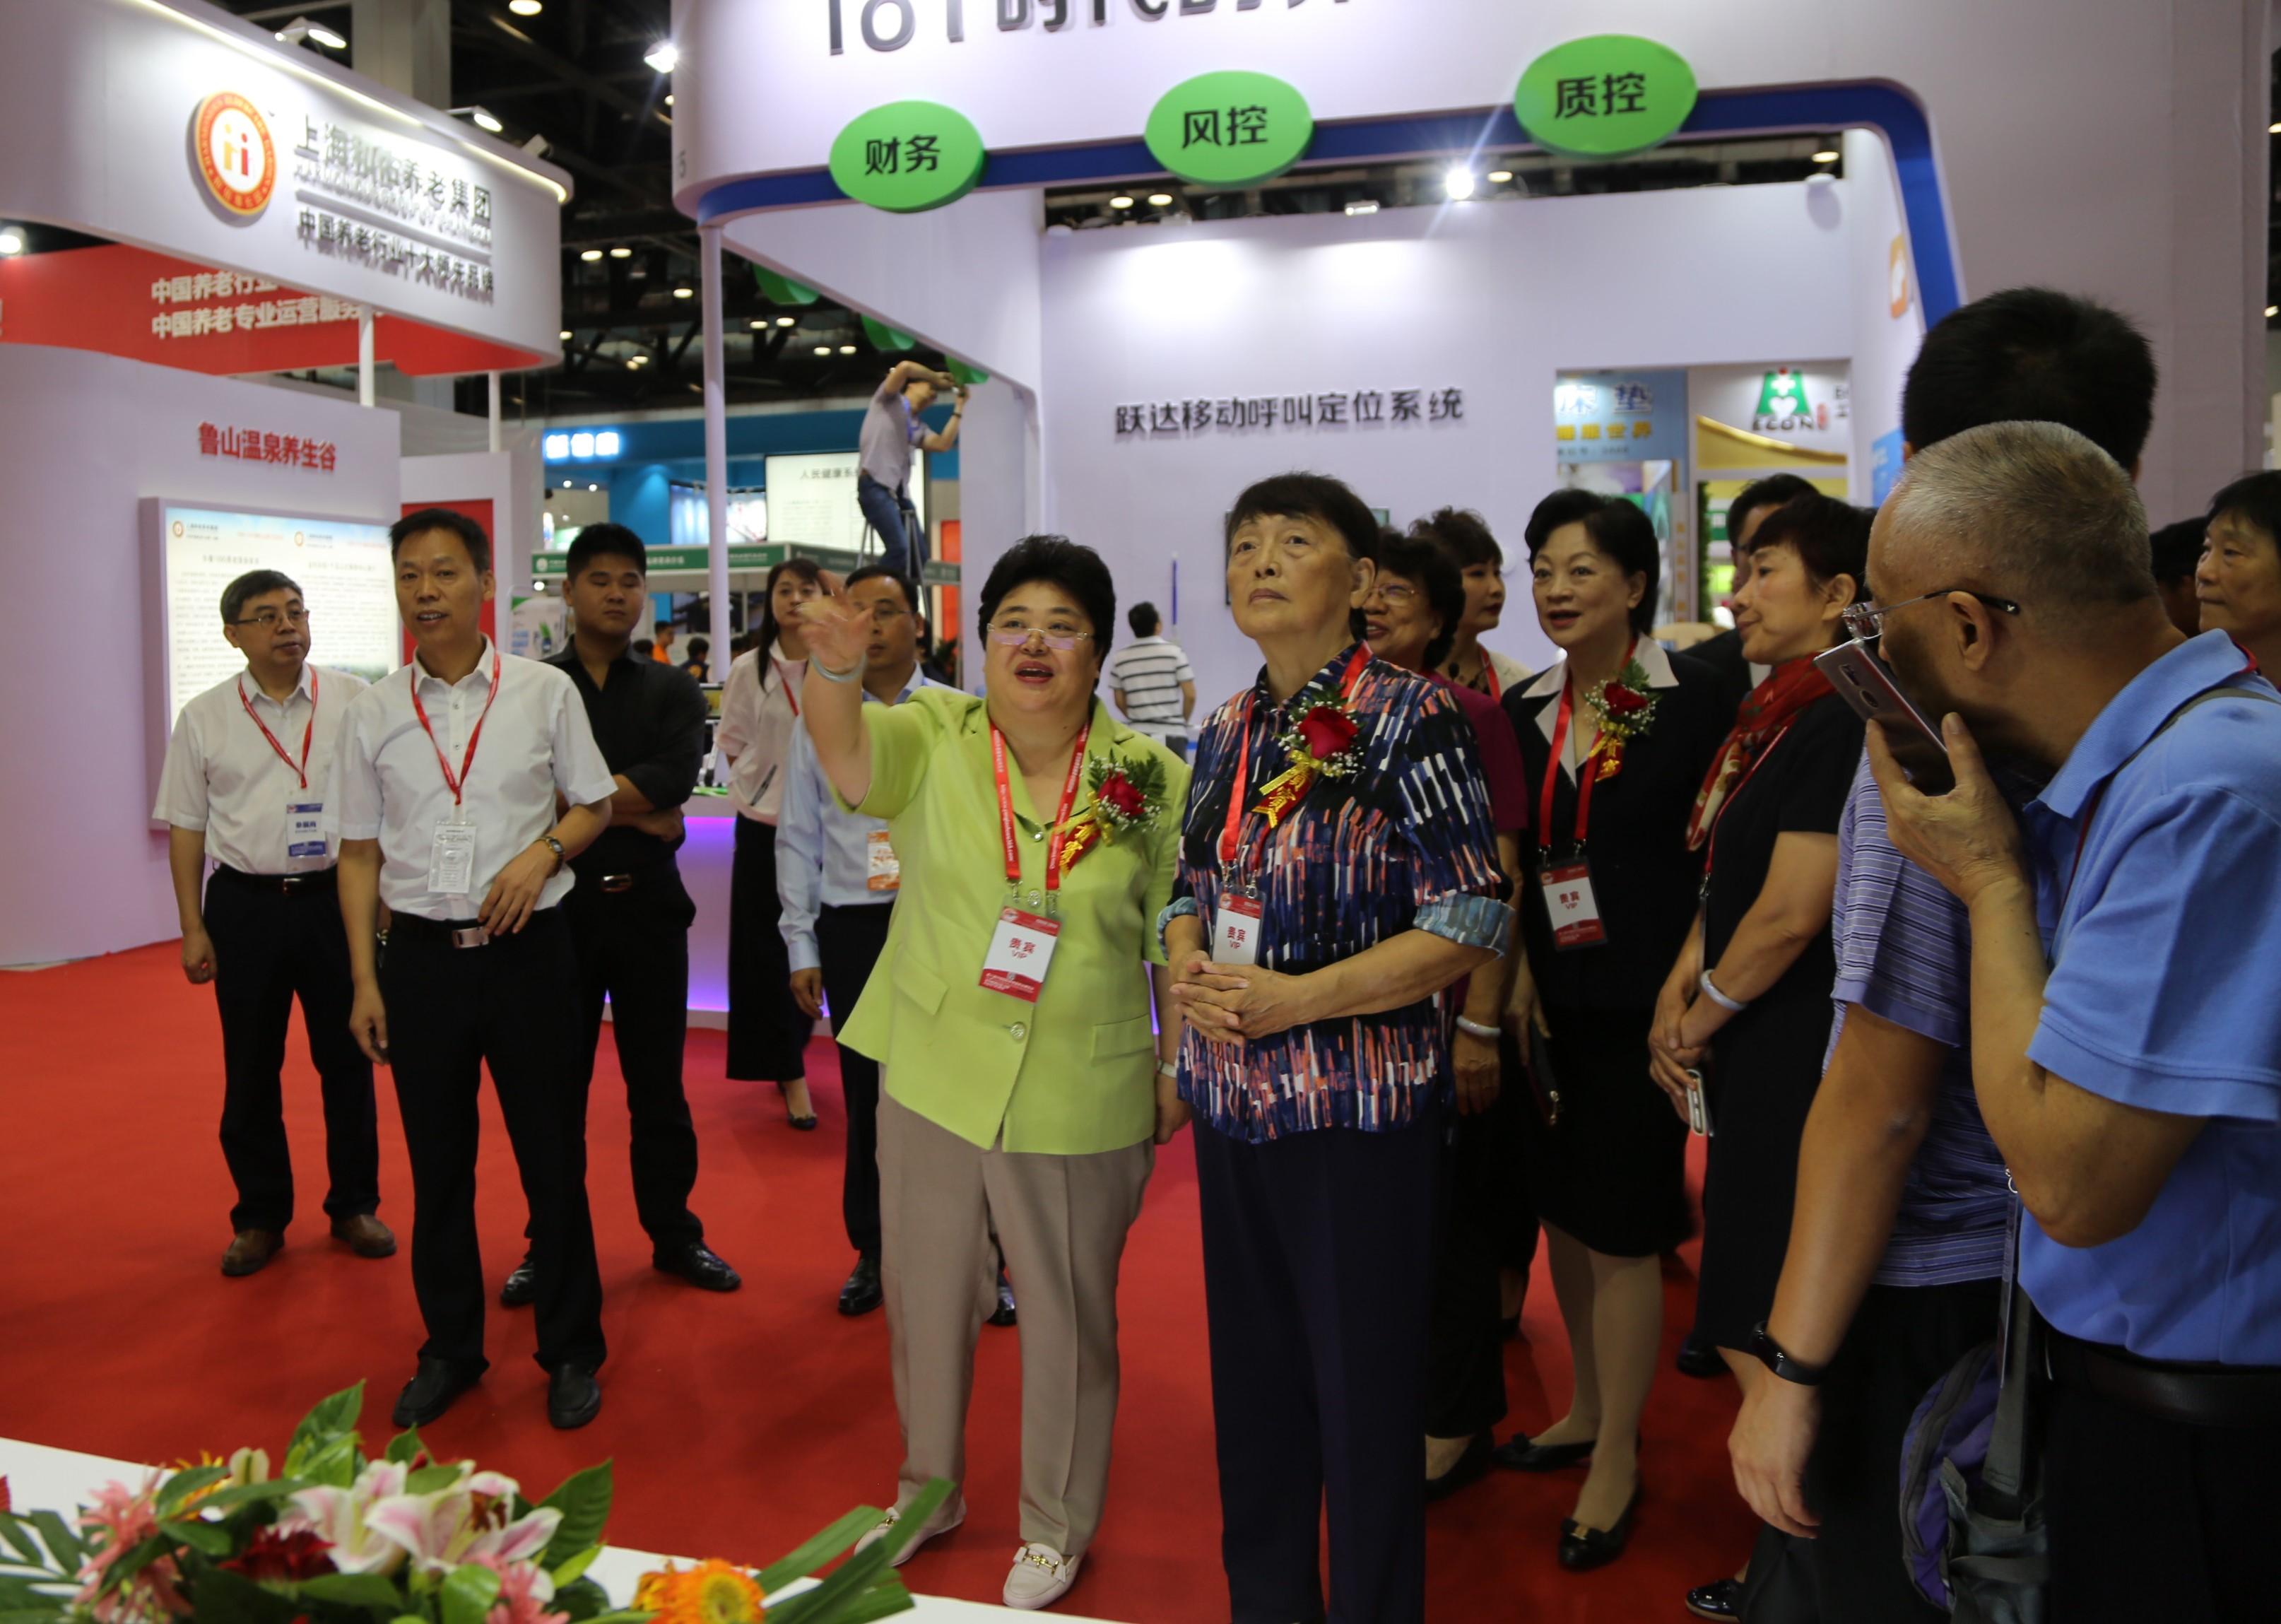 全国政协副主席张梅颖出席第八届中国国际养老服务业博览会